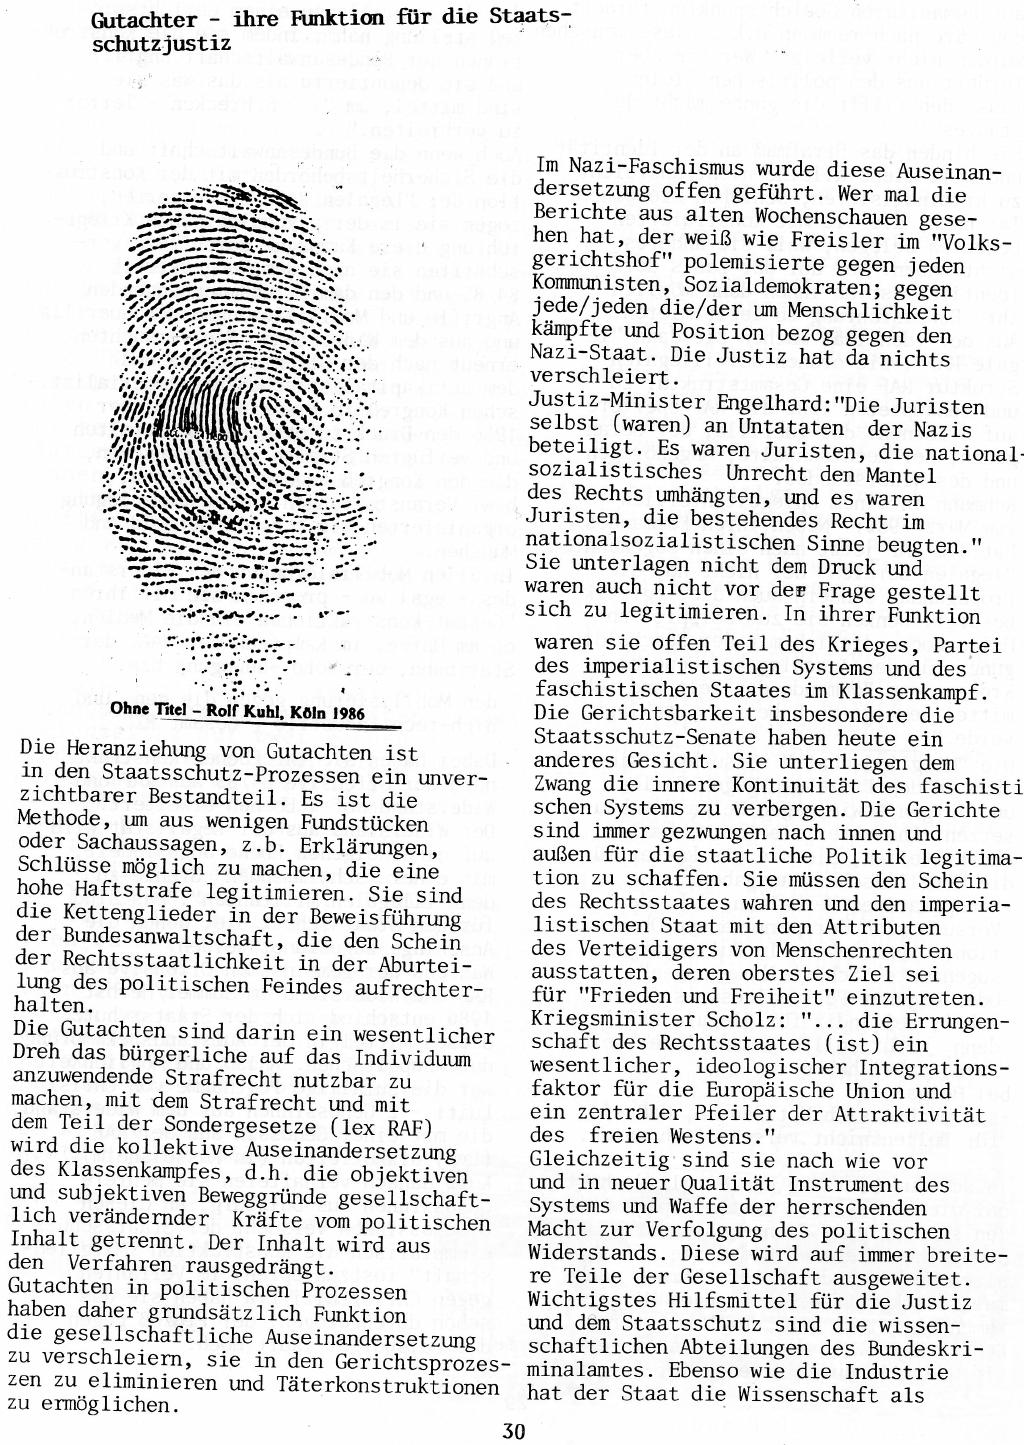 Duesseldorf_1989_Sechs_Politische_Gefangene_030